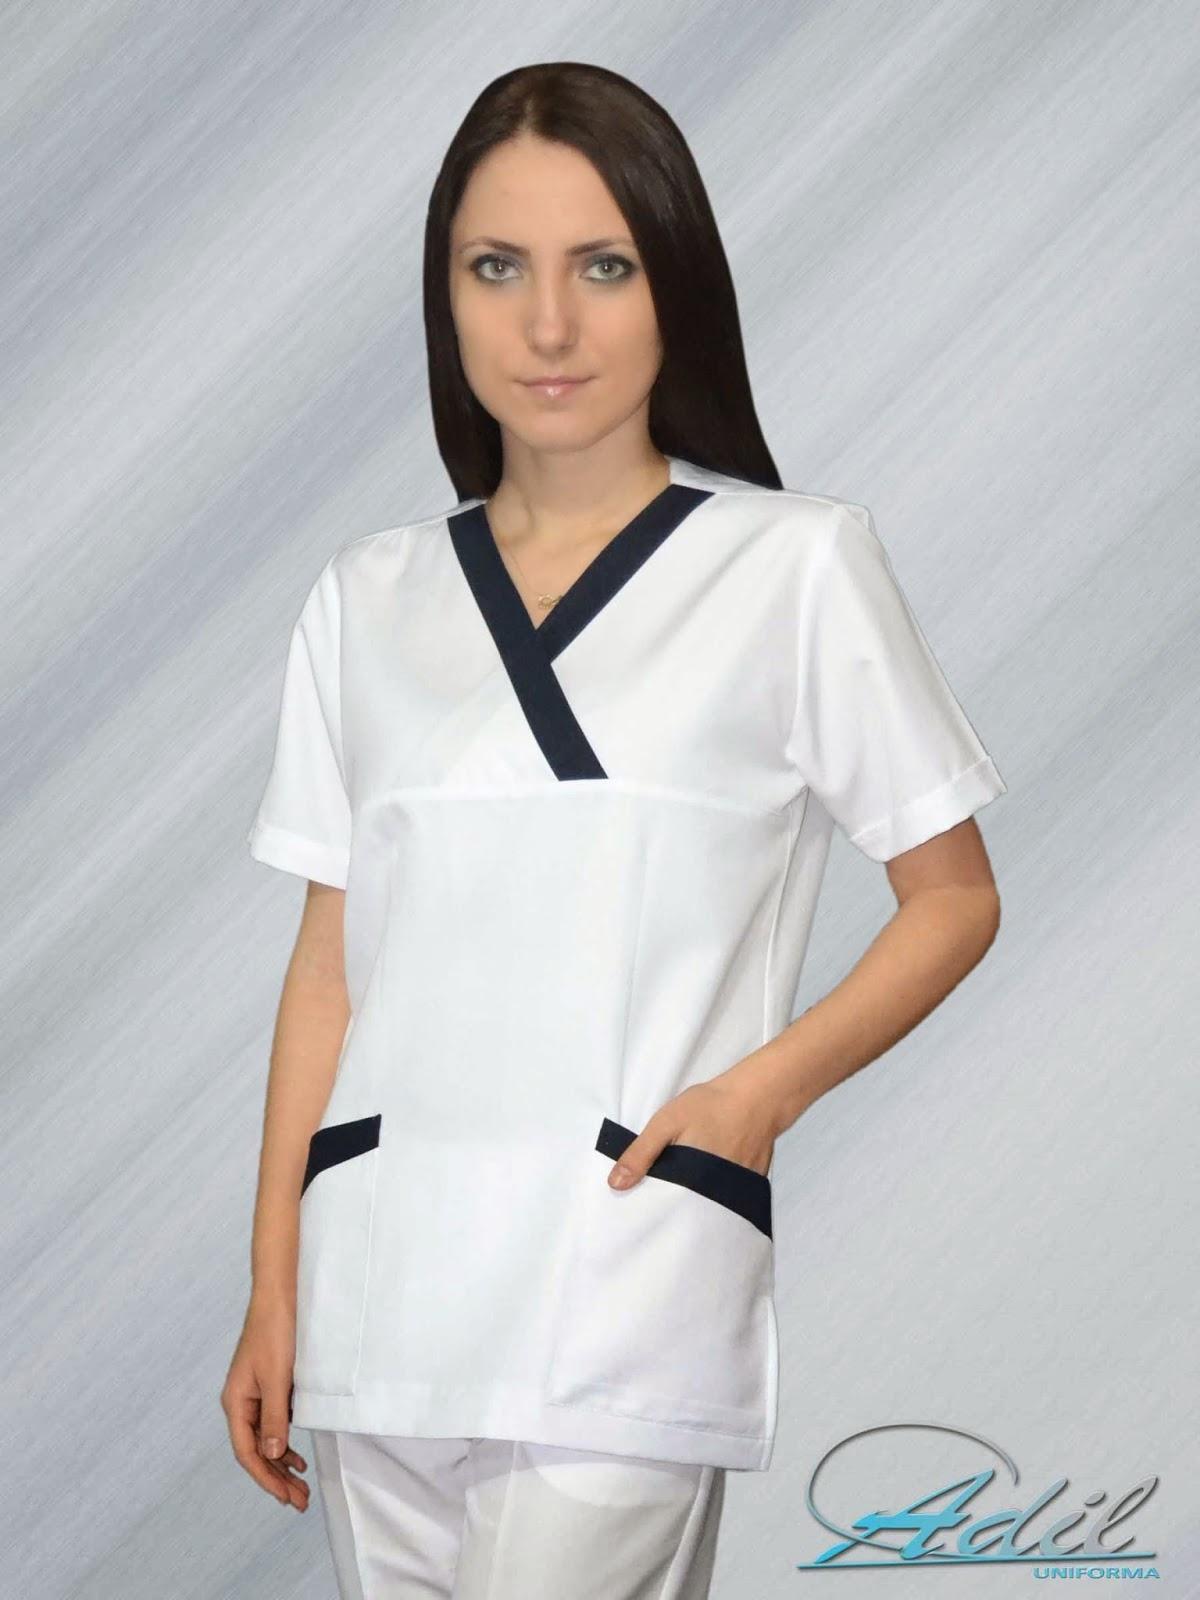 Что носят медсестры в больнице 7 фотография